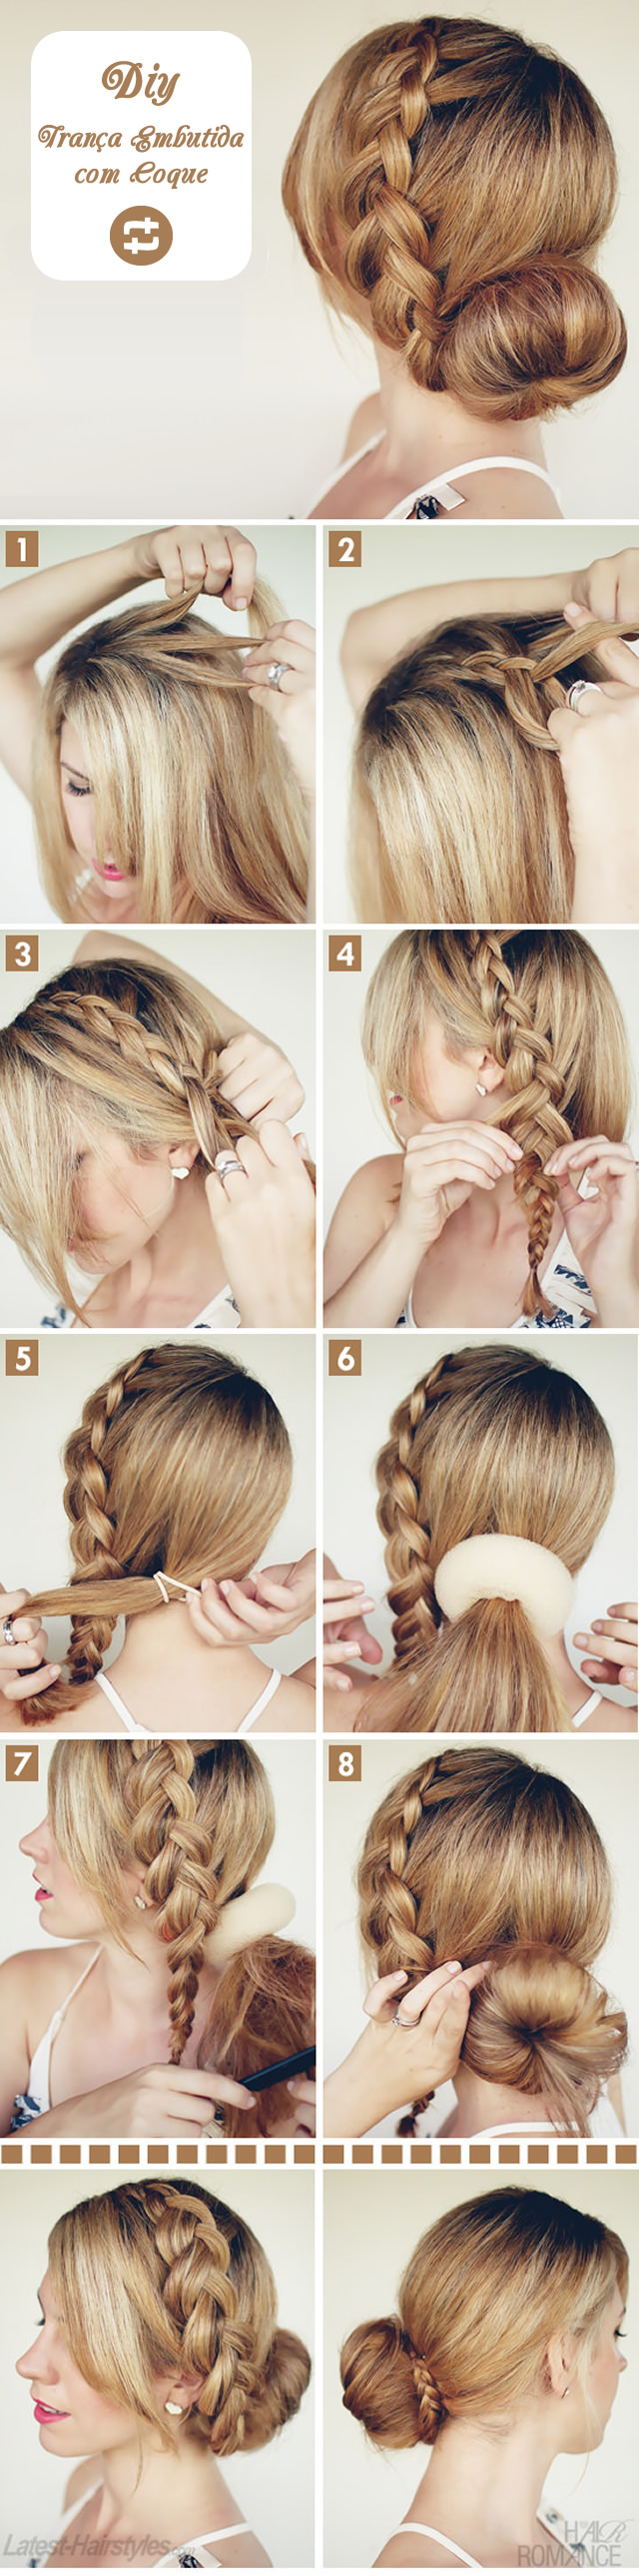 penteados-tranças-2